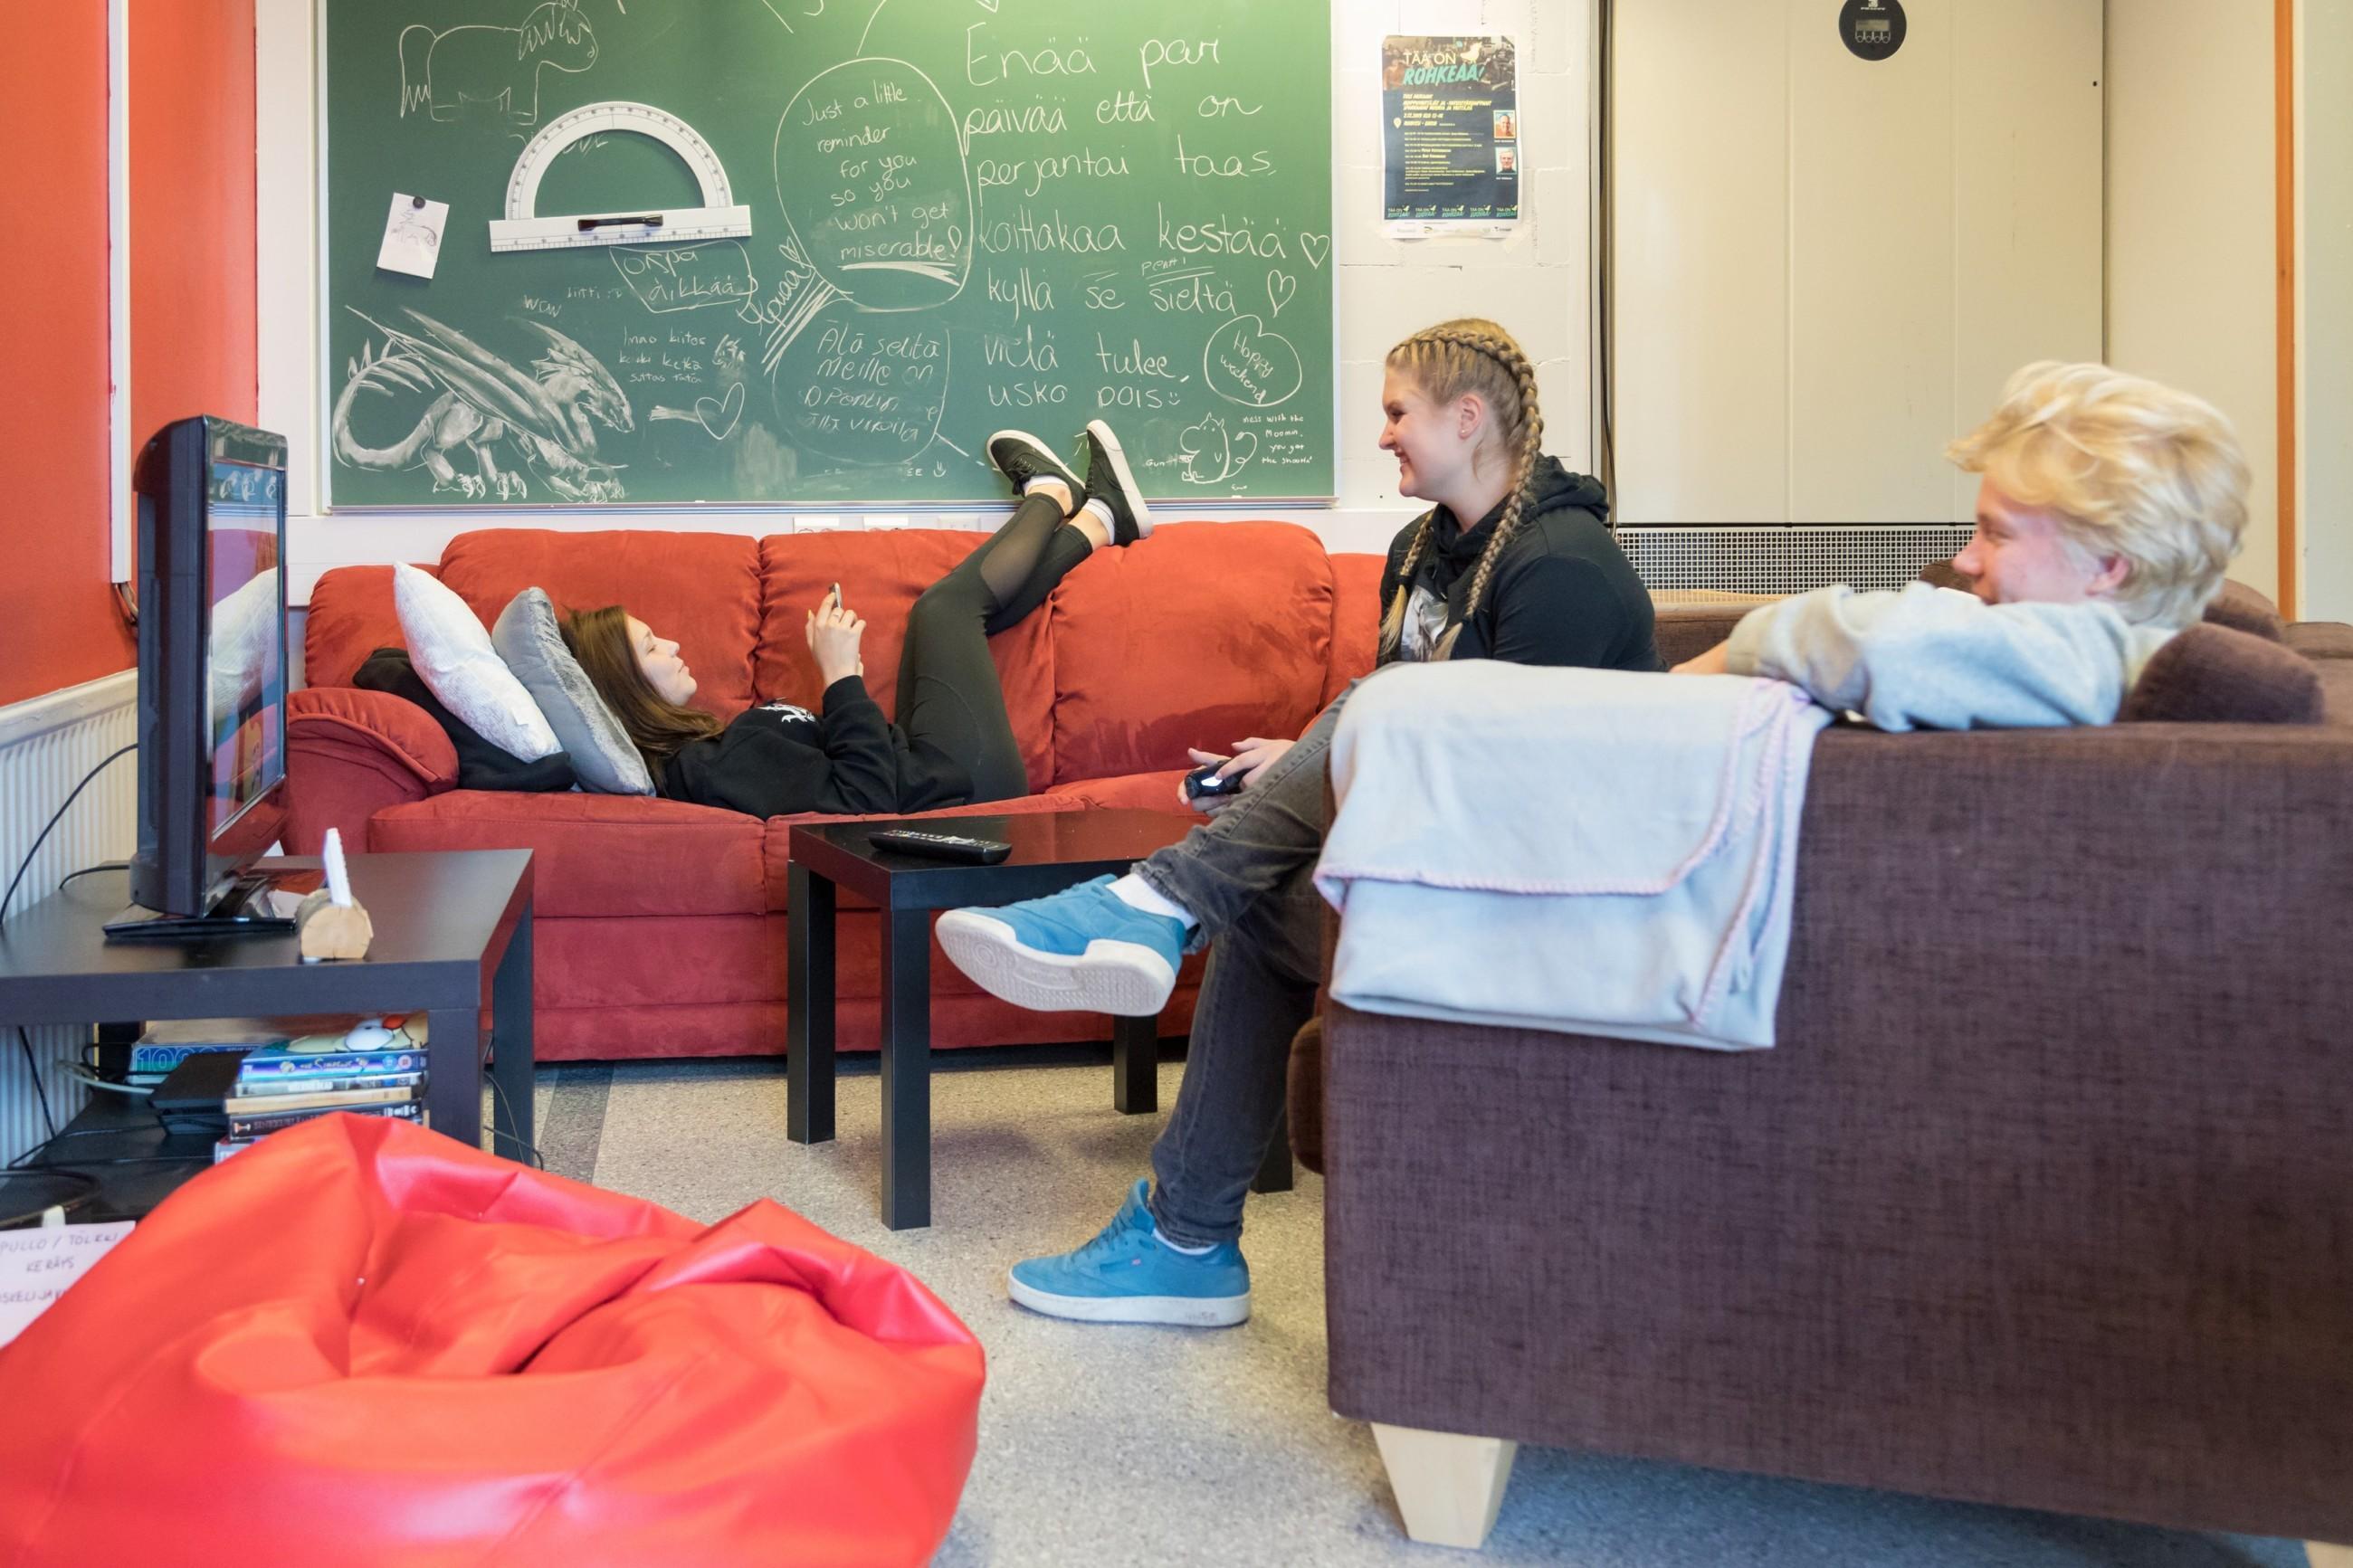 Kolme opiskelijaa löhöilemässä taukotilan sohvilla iloisina.